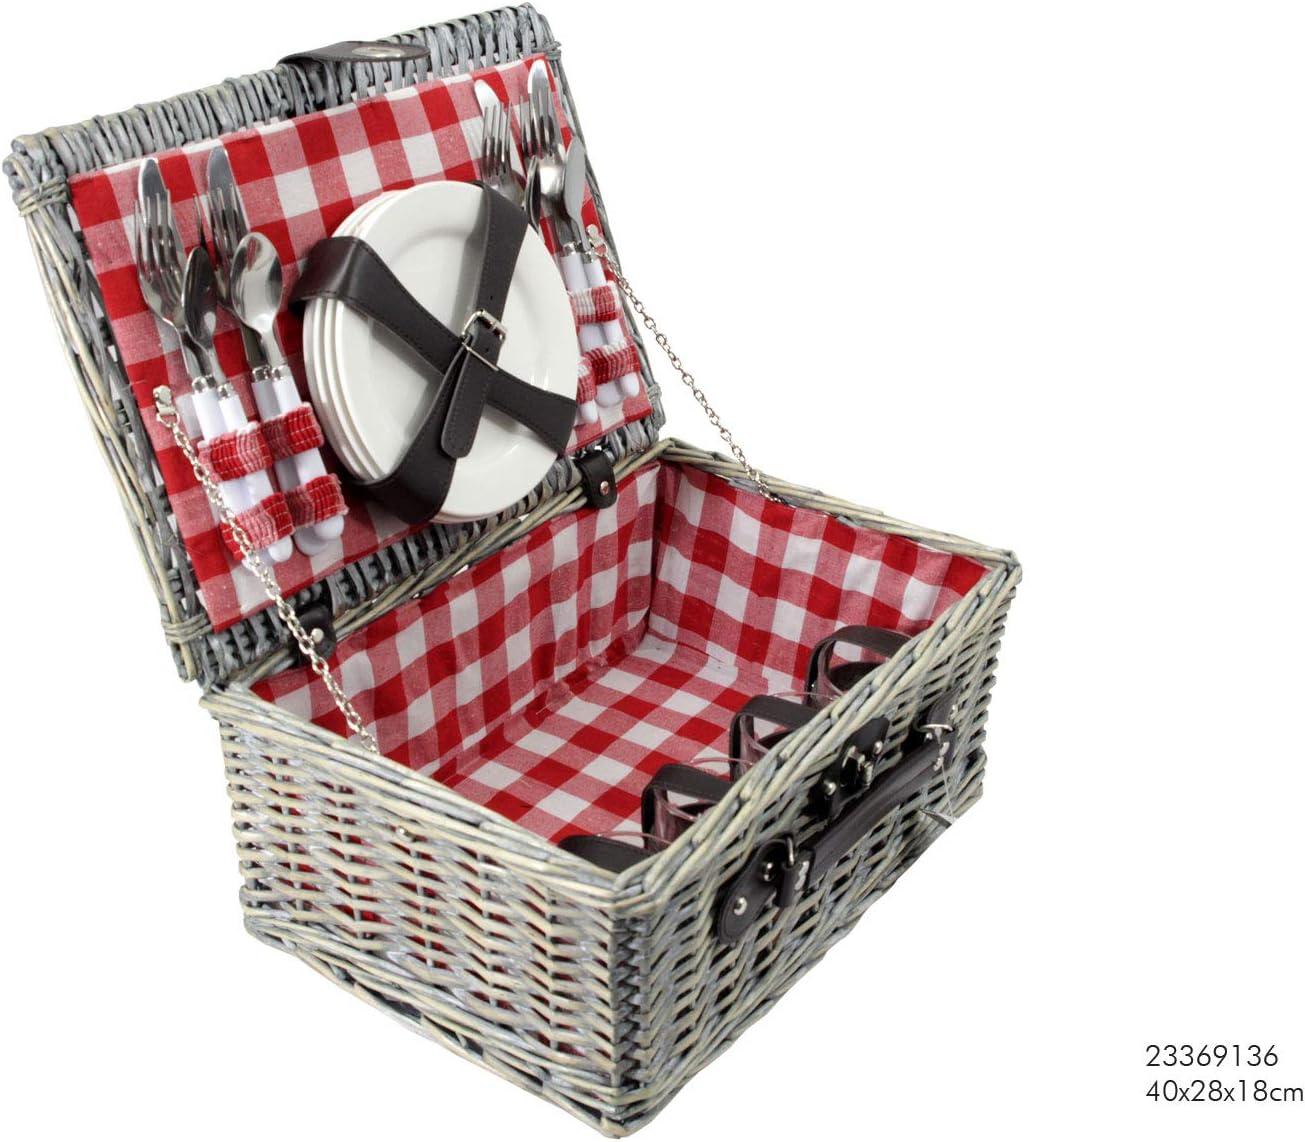 Natur Karo Rot CREOFANT Picknickkorb f/ür 4 Personen /· Piknikset /· Weidenkorb mit Picknickdecke /· 22 teiliges Picknick-Set mit Geschirr /· Picknickkoffer Set mit Decke